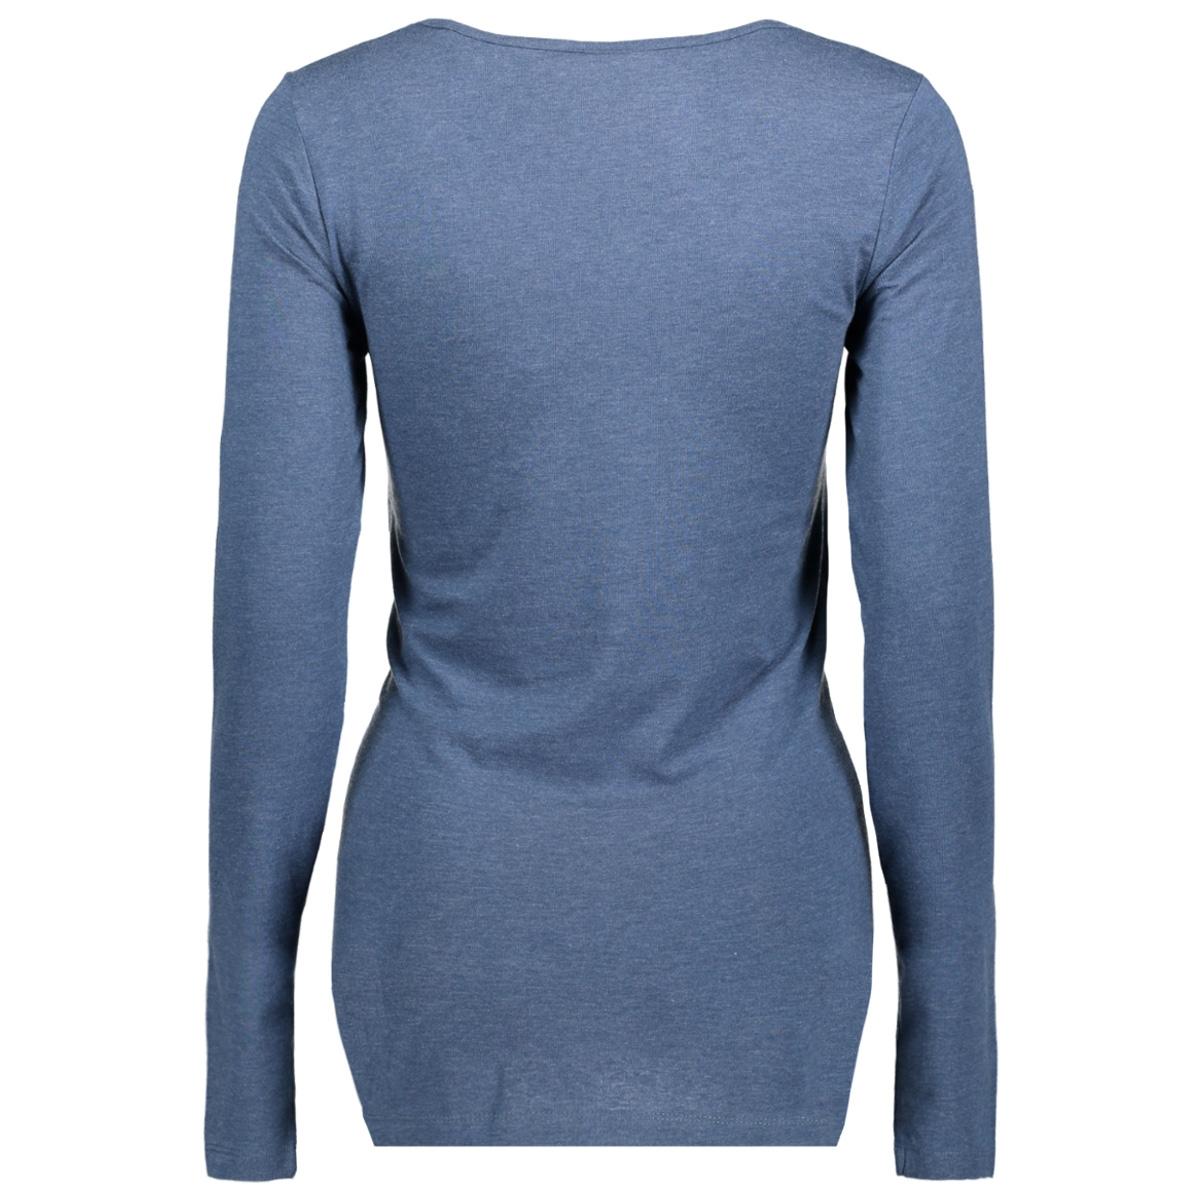 mlheartie l/s jersey top a 20008141 mama-licious positie shirt dark denim/melange an